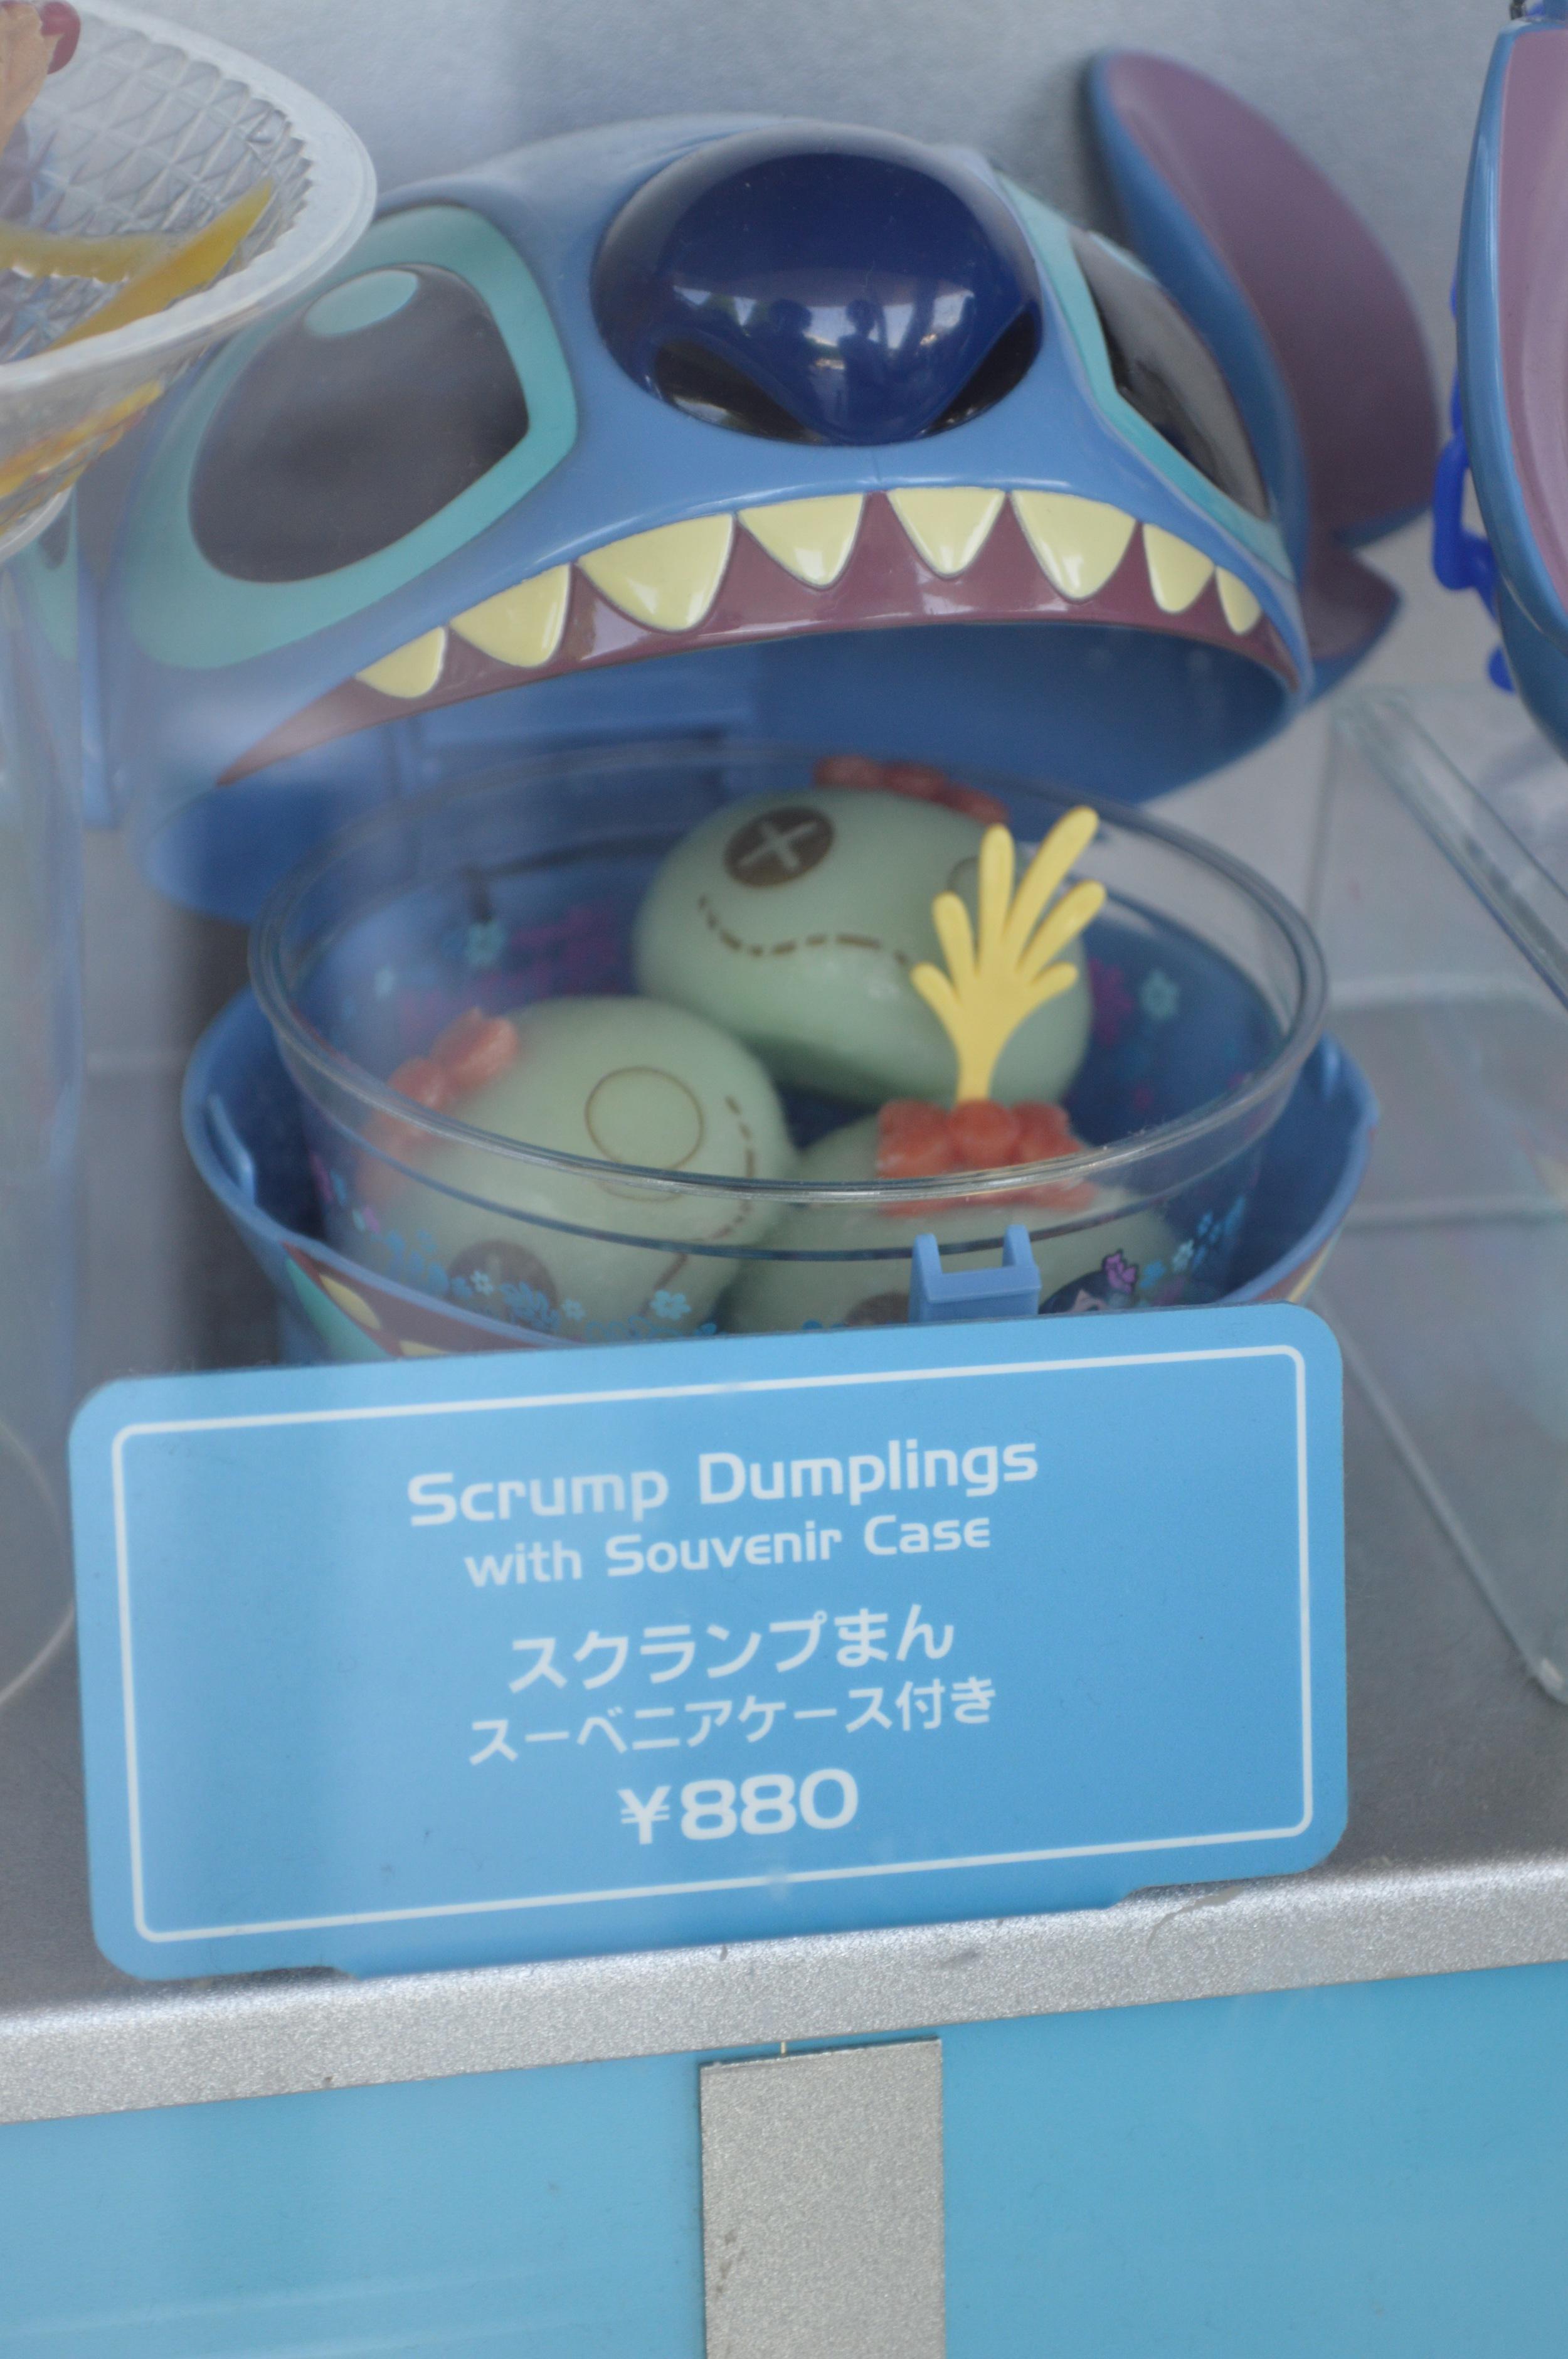 Scrump Dumplings with Souvenir Case